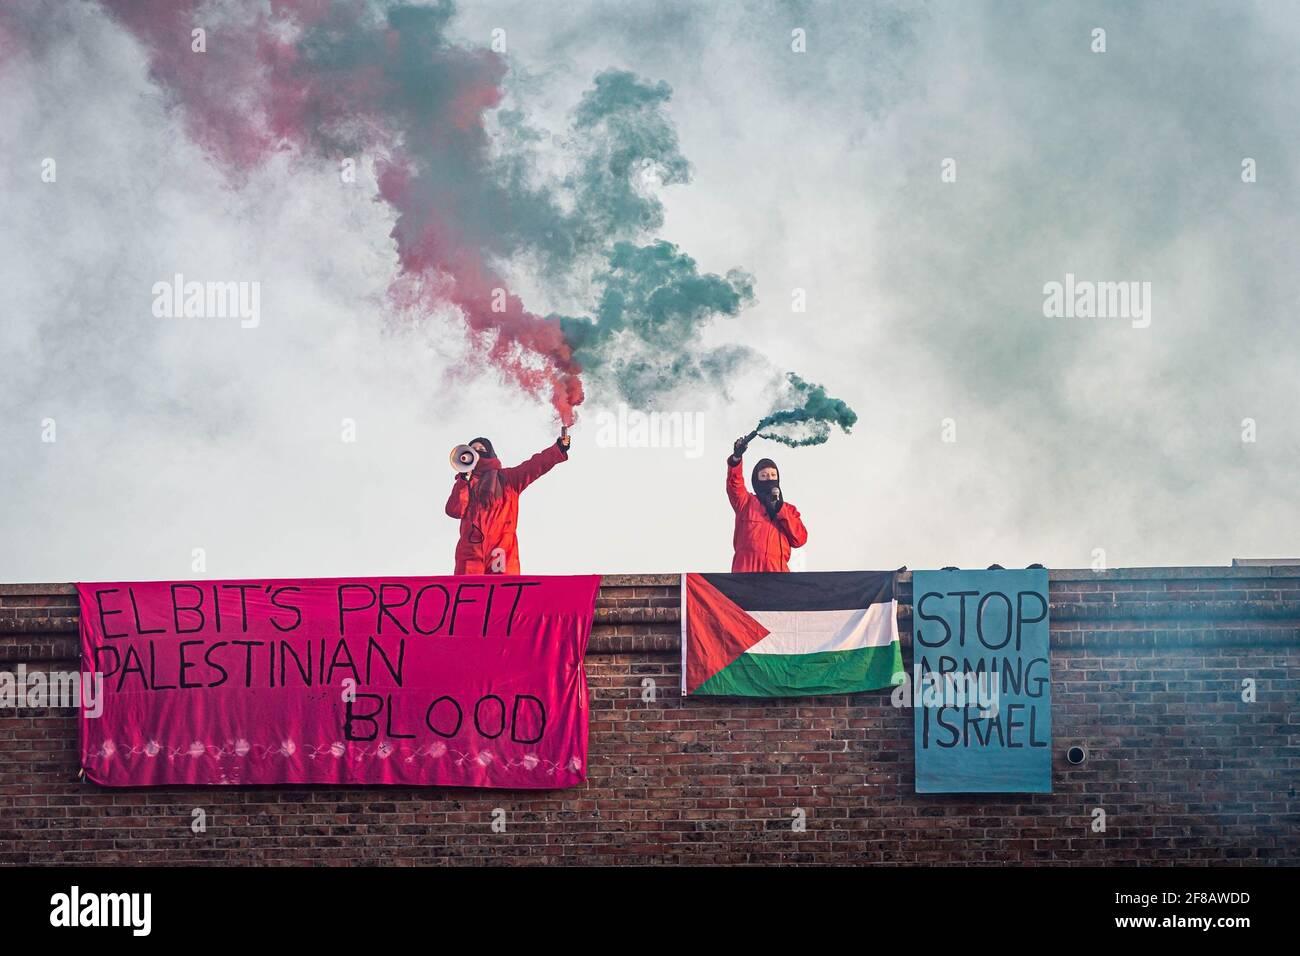 """Bristol, Regno Unito. 13 Apr 2021. Gli attivisti Palestine Action occupano il tetto del quartier generale di Elbit a Bristol nelle prime ore di mercoledì mattina. Le bandiere appendono dal tetto leggere """"il profitto di Elbit sangue palestinese"""" e """"smettere di armare Israele"""". Aztec West Business Park a Bristol, Regno Unito. Credit: Vladimir Morozov/akxmedia. Credit: Vladimir Morozov/Alamy Live News Foto Stock"""